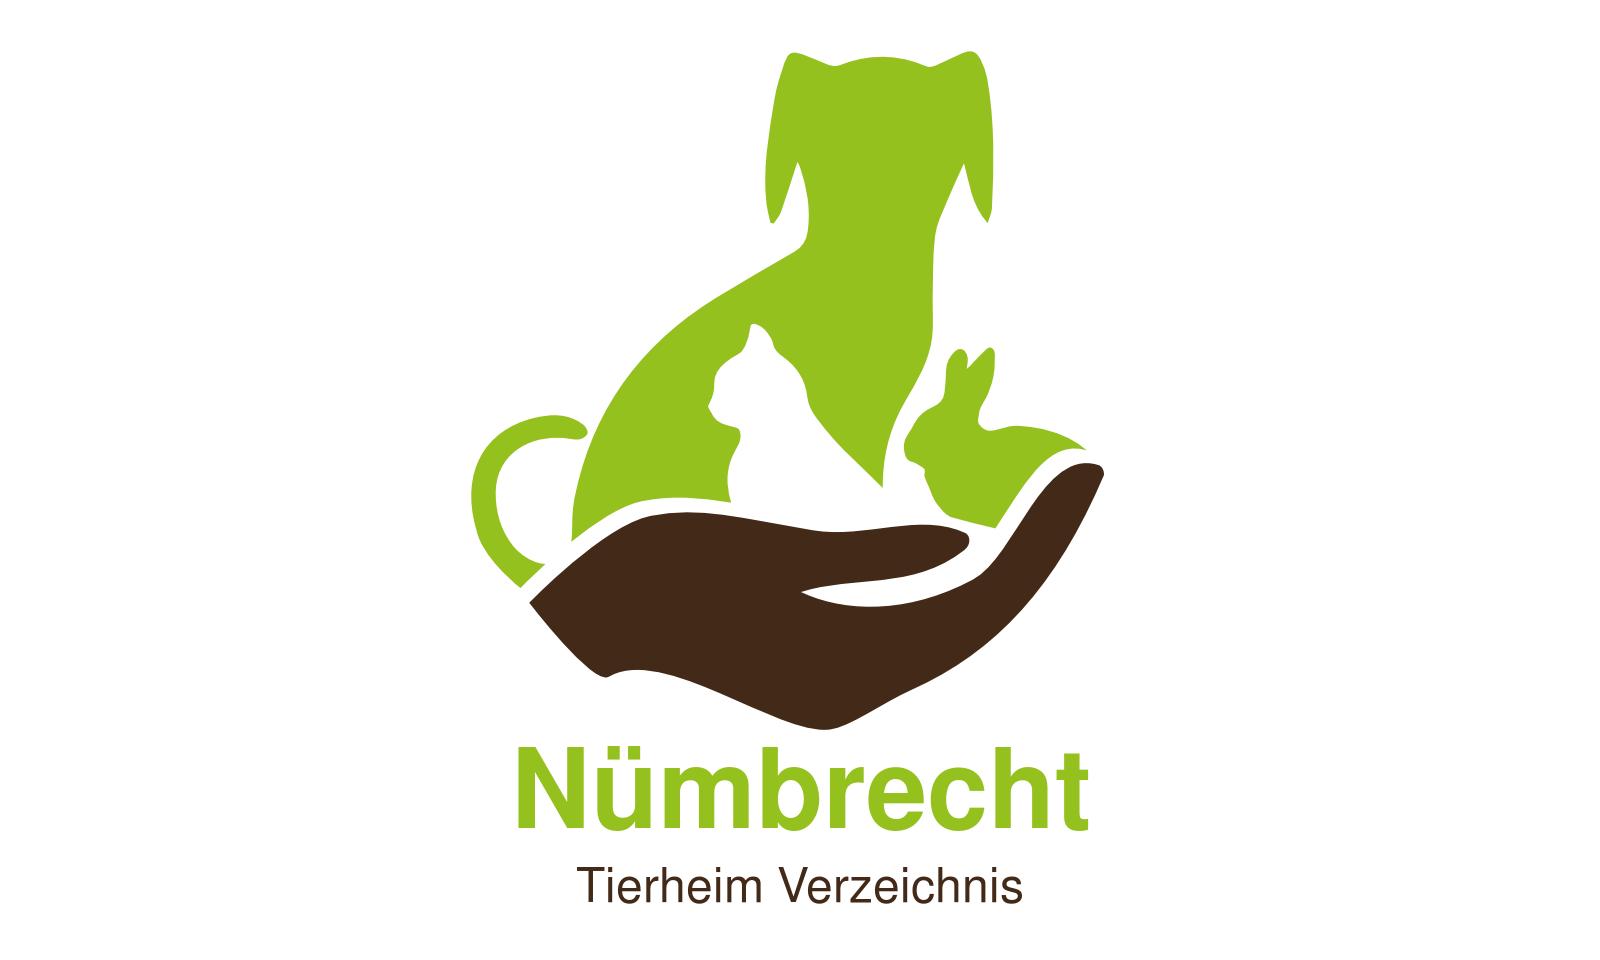 Tierheim Nümbrecht